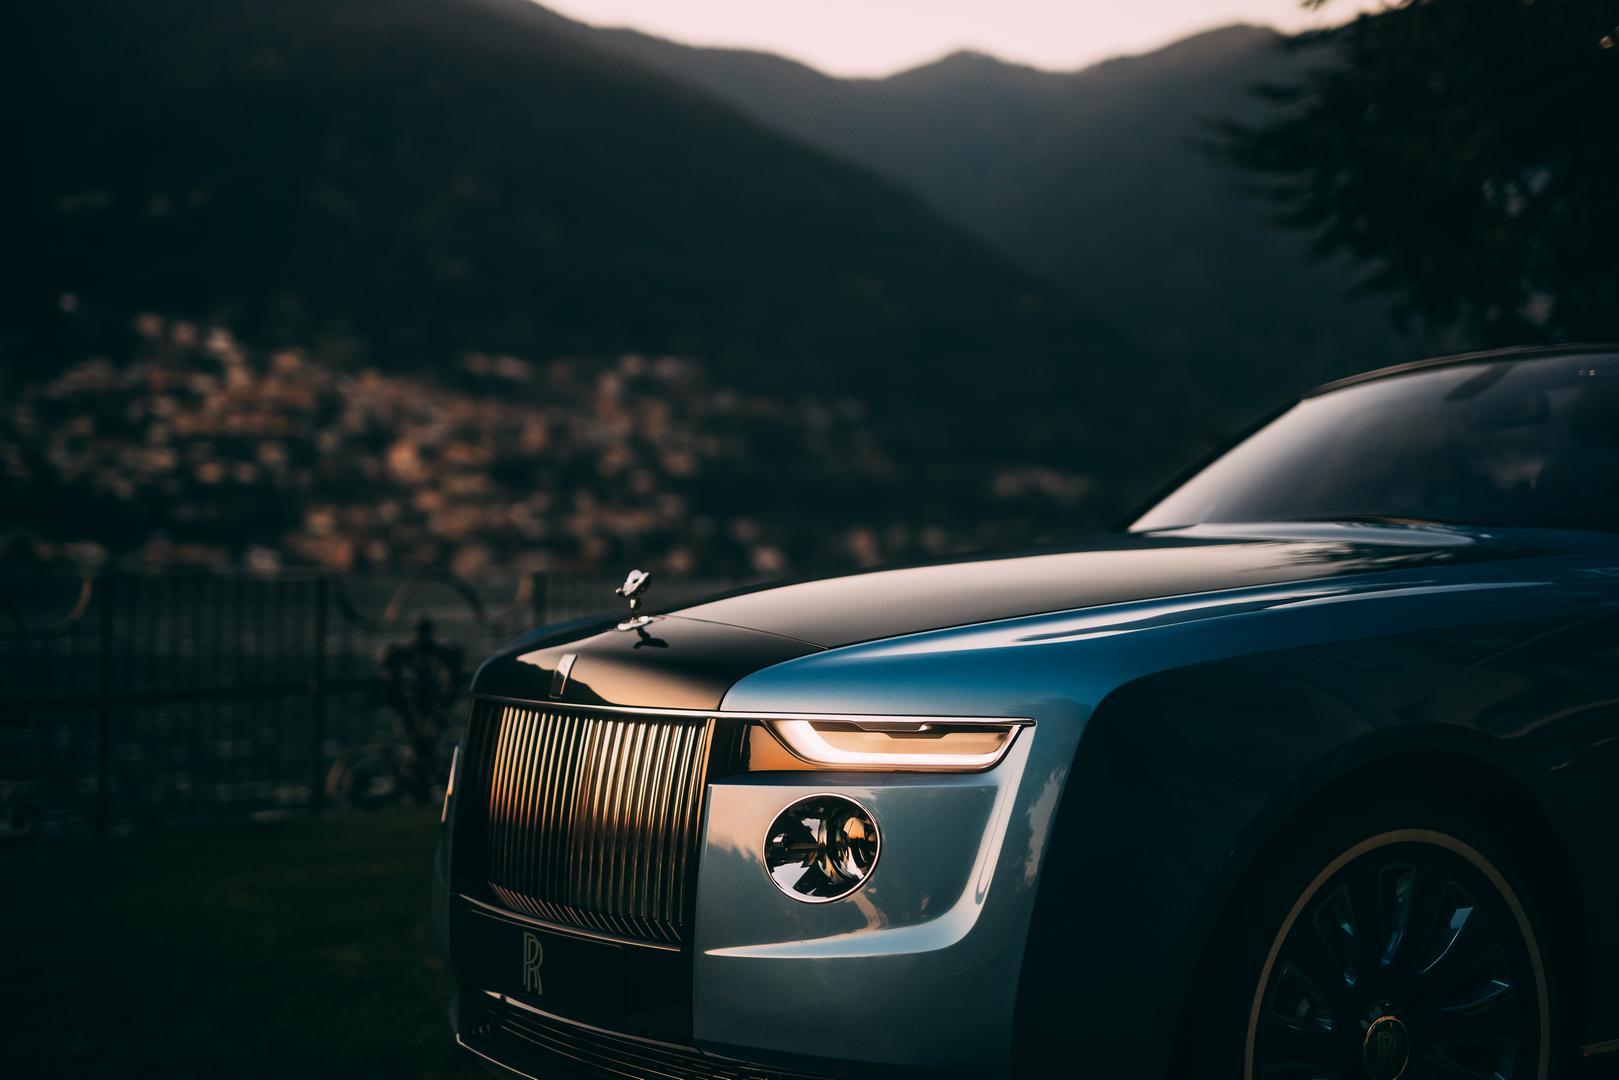 Rolls-Royce Boat Tail headlights